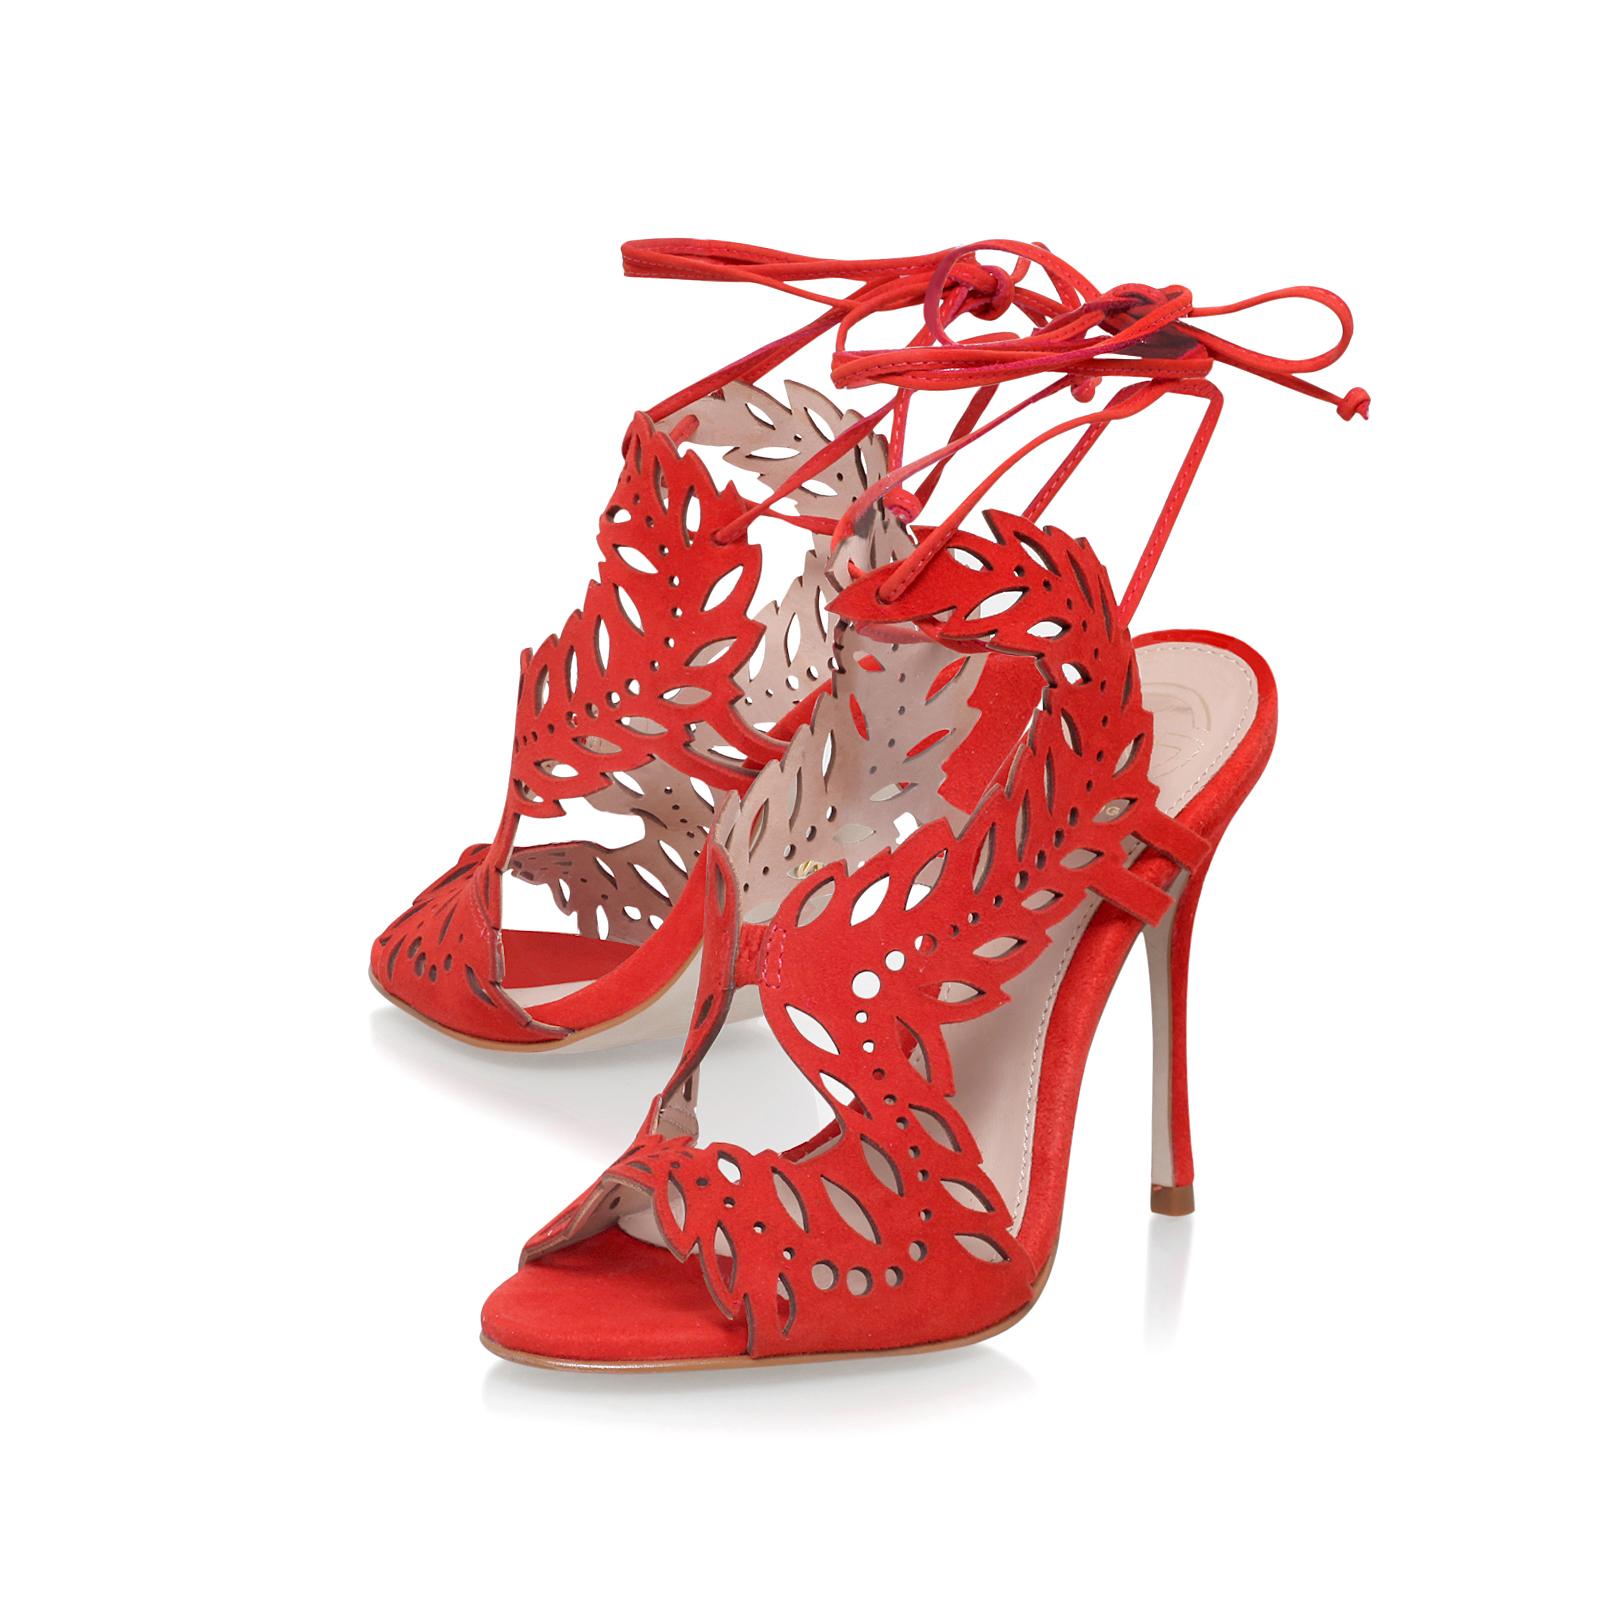 d4e1198bd95 HORATIO KG Kurt Geiger Horatio Red High Heel Sandals by KG KURT GEIGER